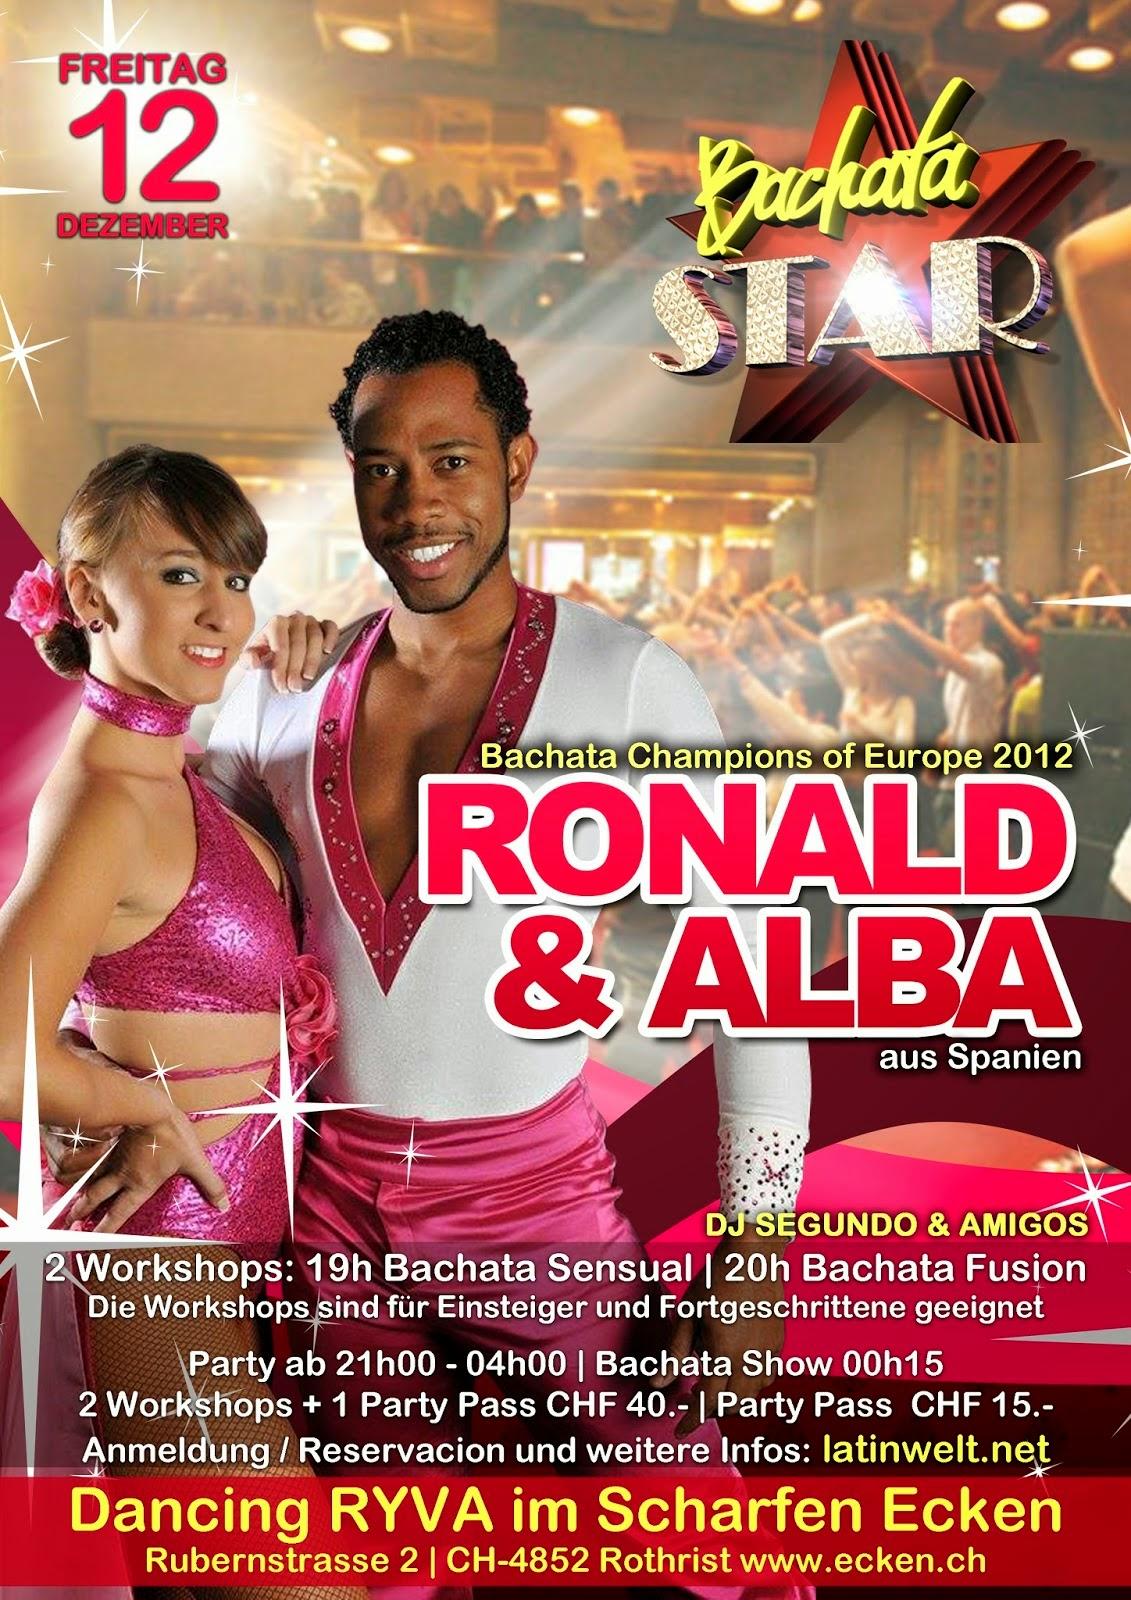 BACHATA STAR - 12. DEZEMBER 2014